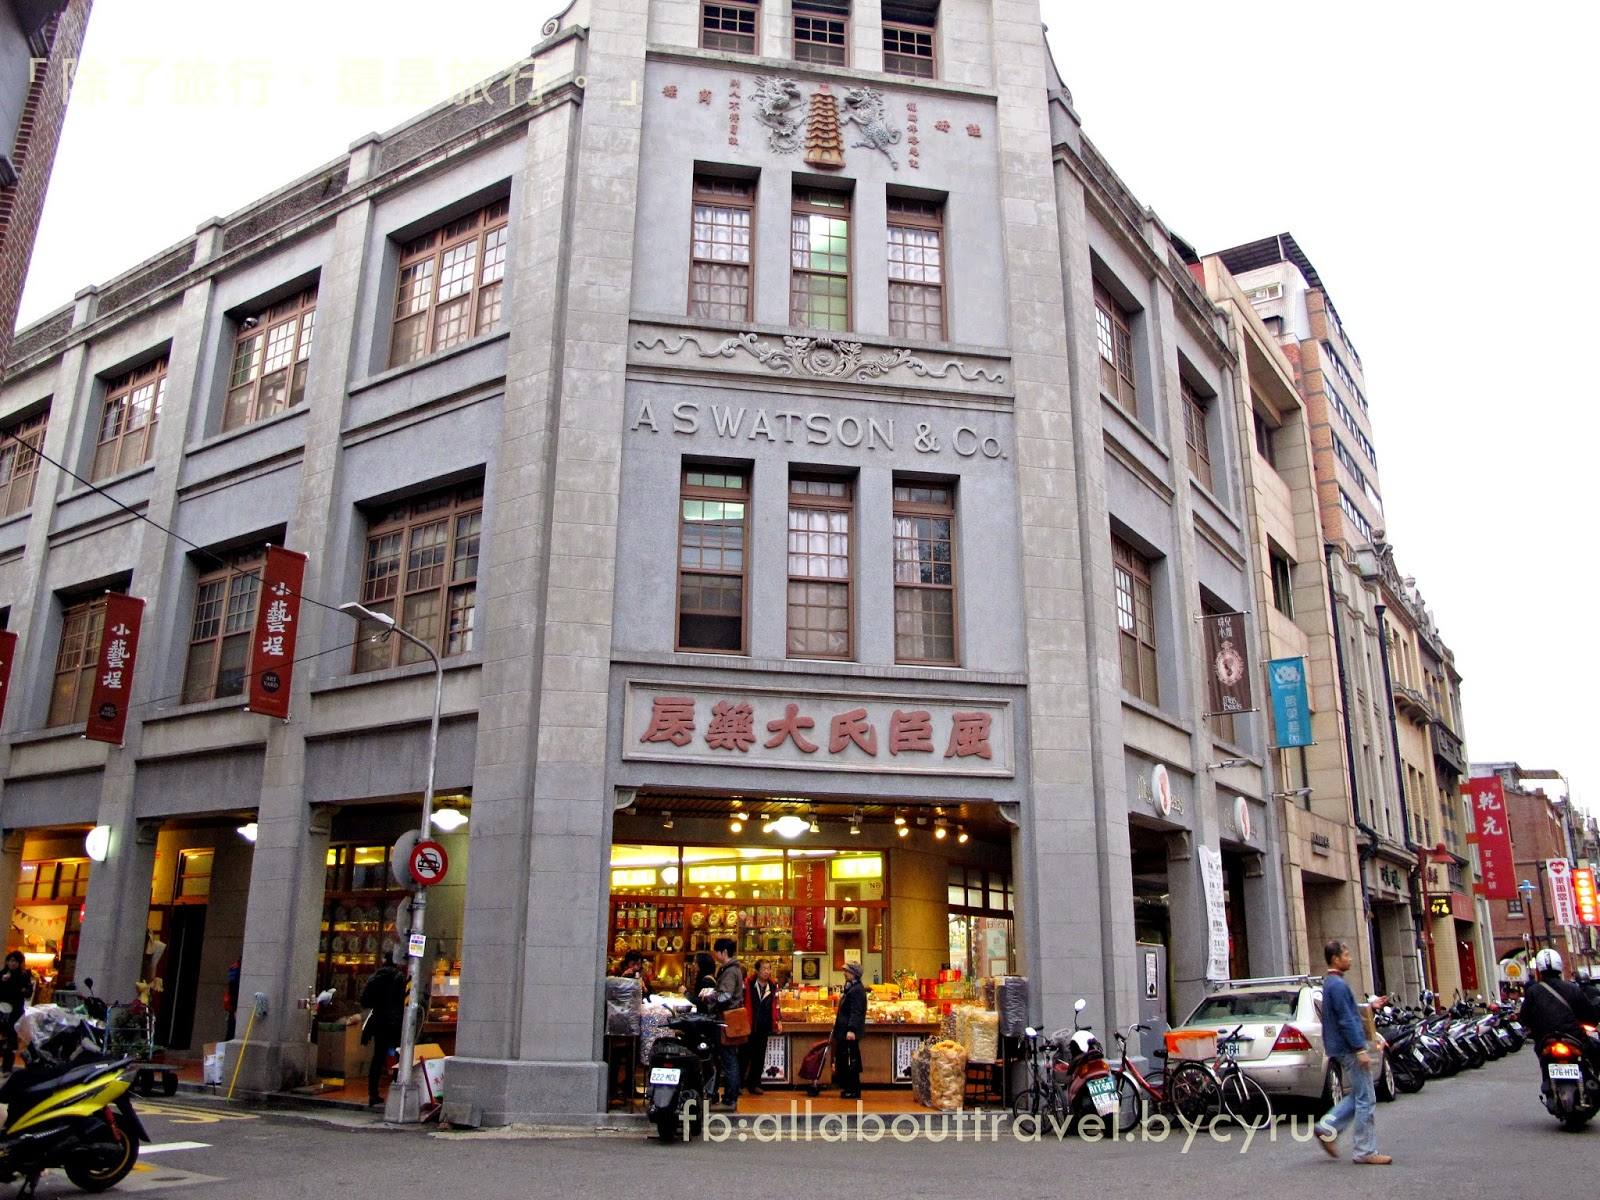 「除了旅行,還是旅行。」: 「臺灣。散步」穿梭老街舊巷,遊走文創咖啡小店:臺北大稻埕藝術散策